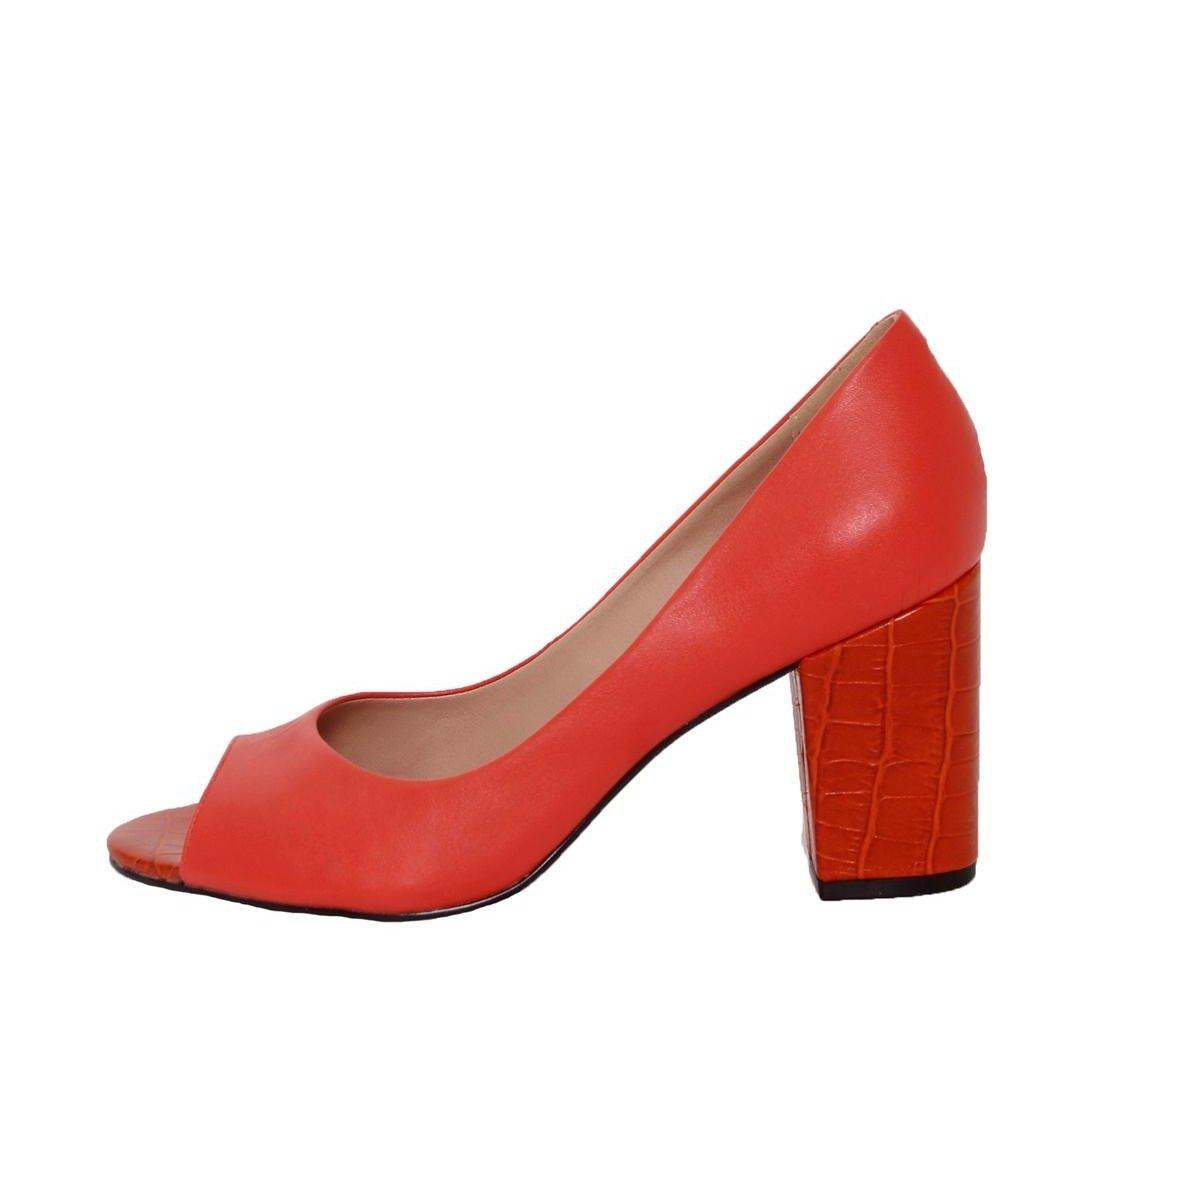 Fashion Couro Quadrado Conceito Peep Toe Feminino Salto Peep Toe Vermelho WnqIvvaX